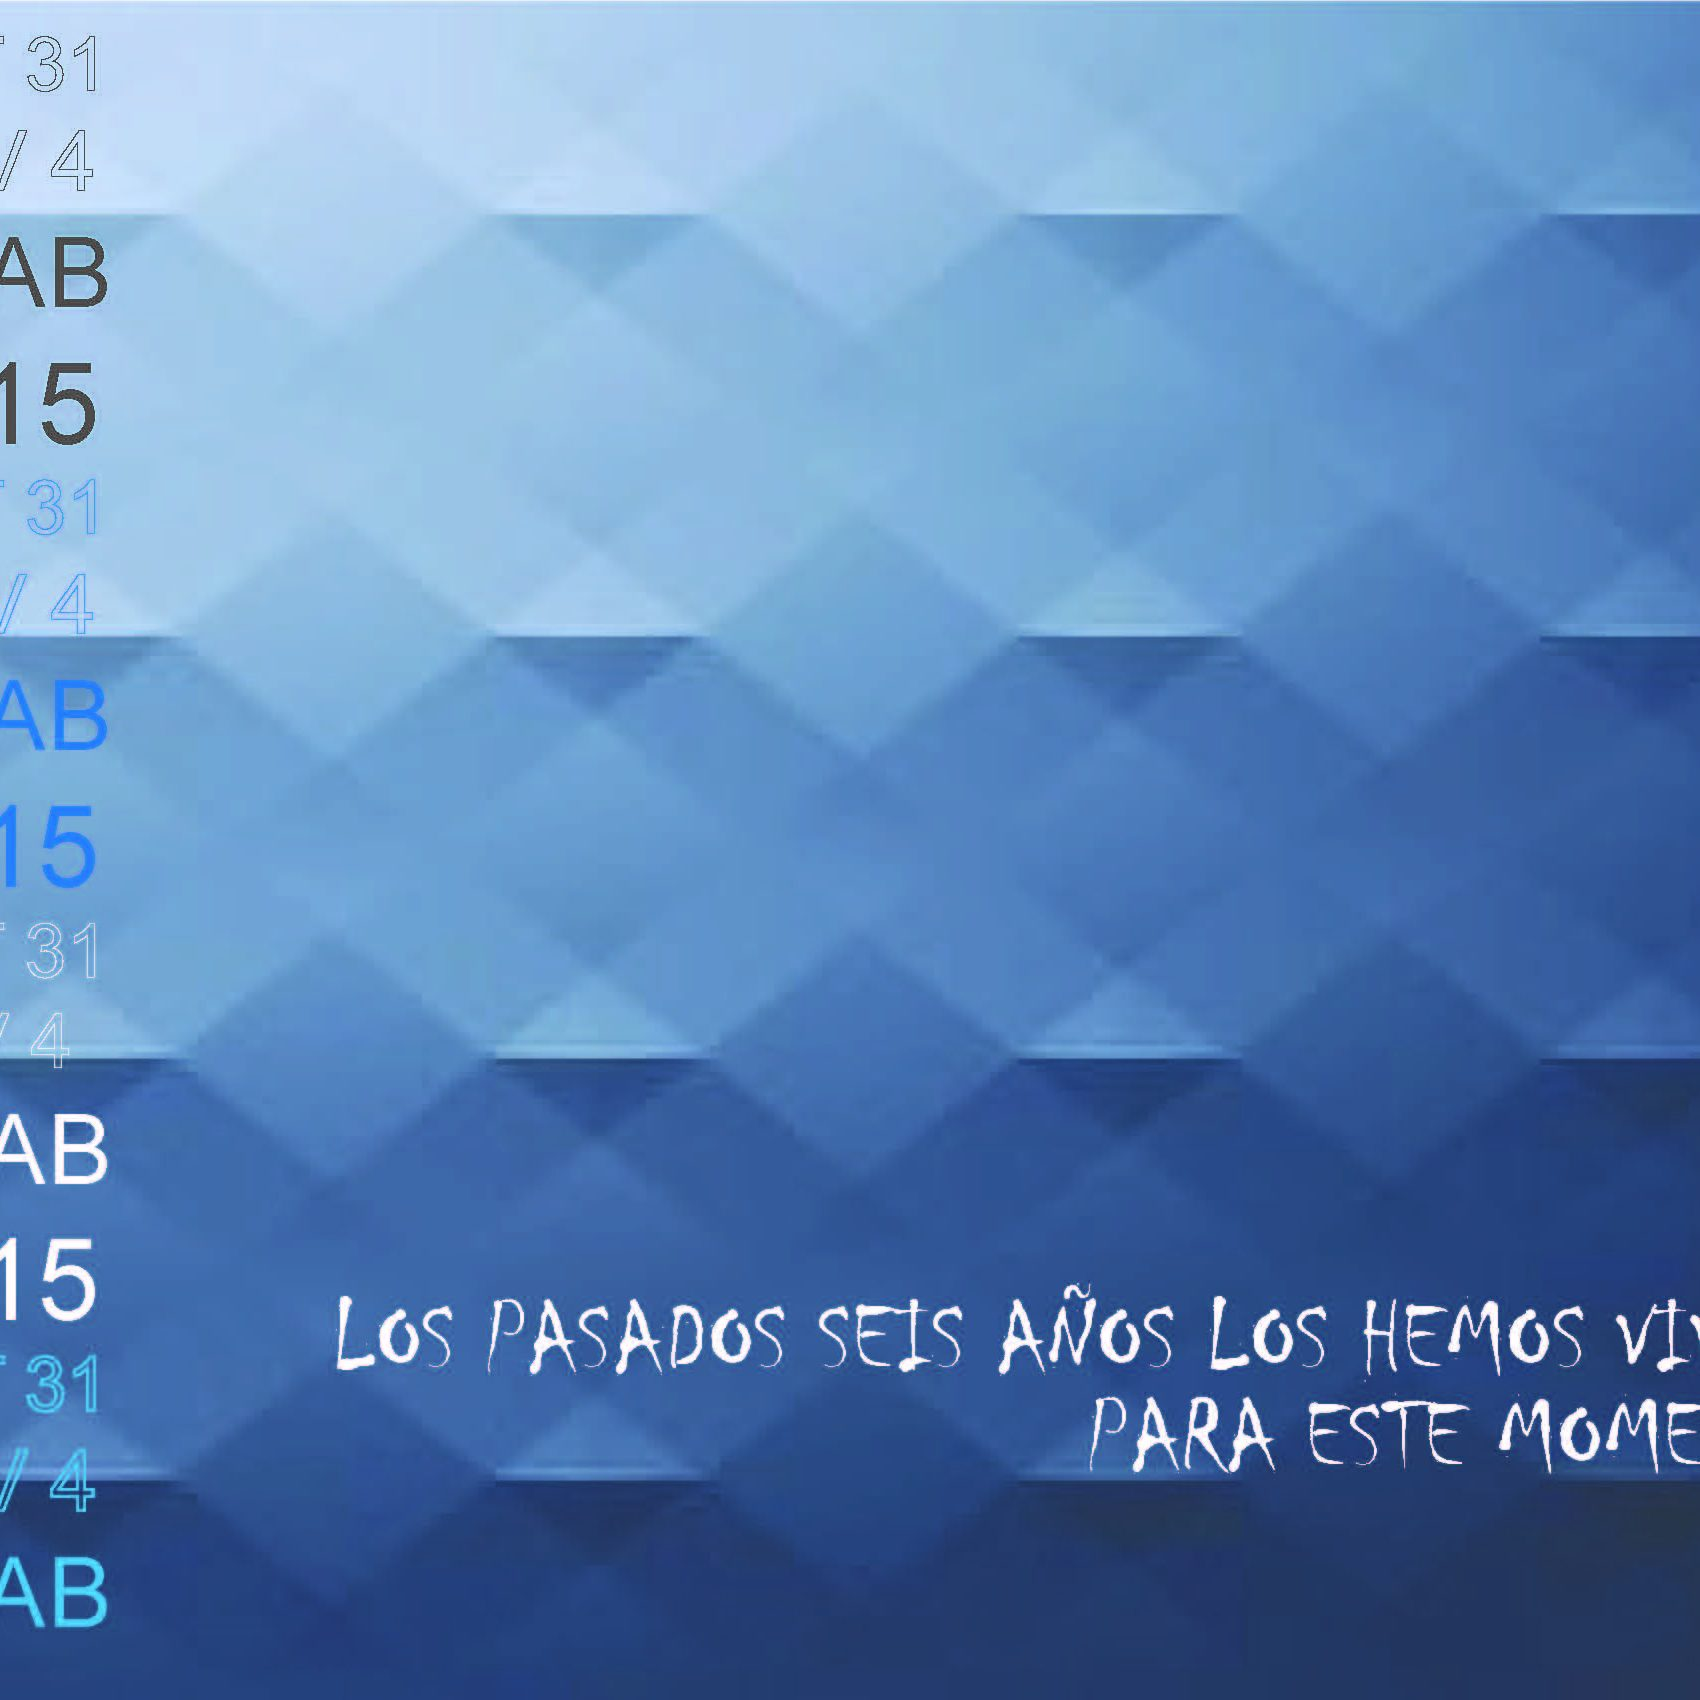 Frase Badillo NAAB 2